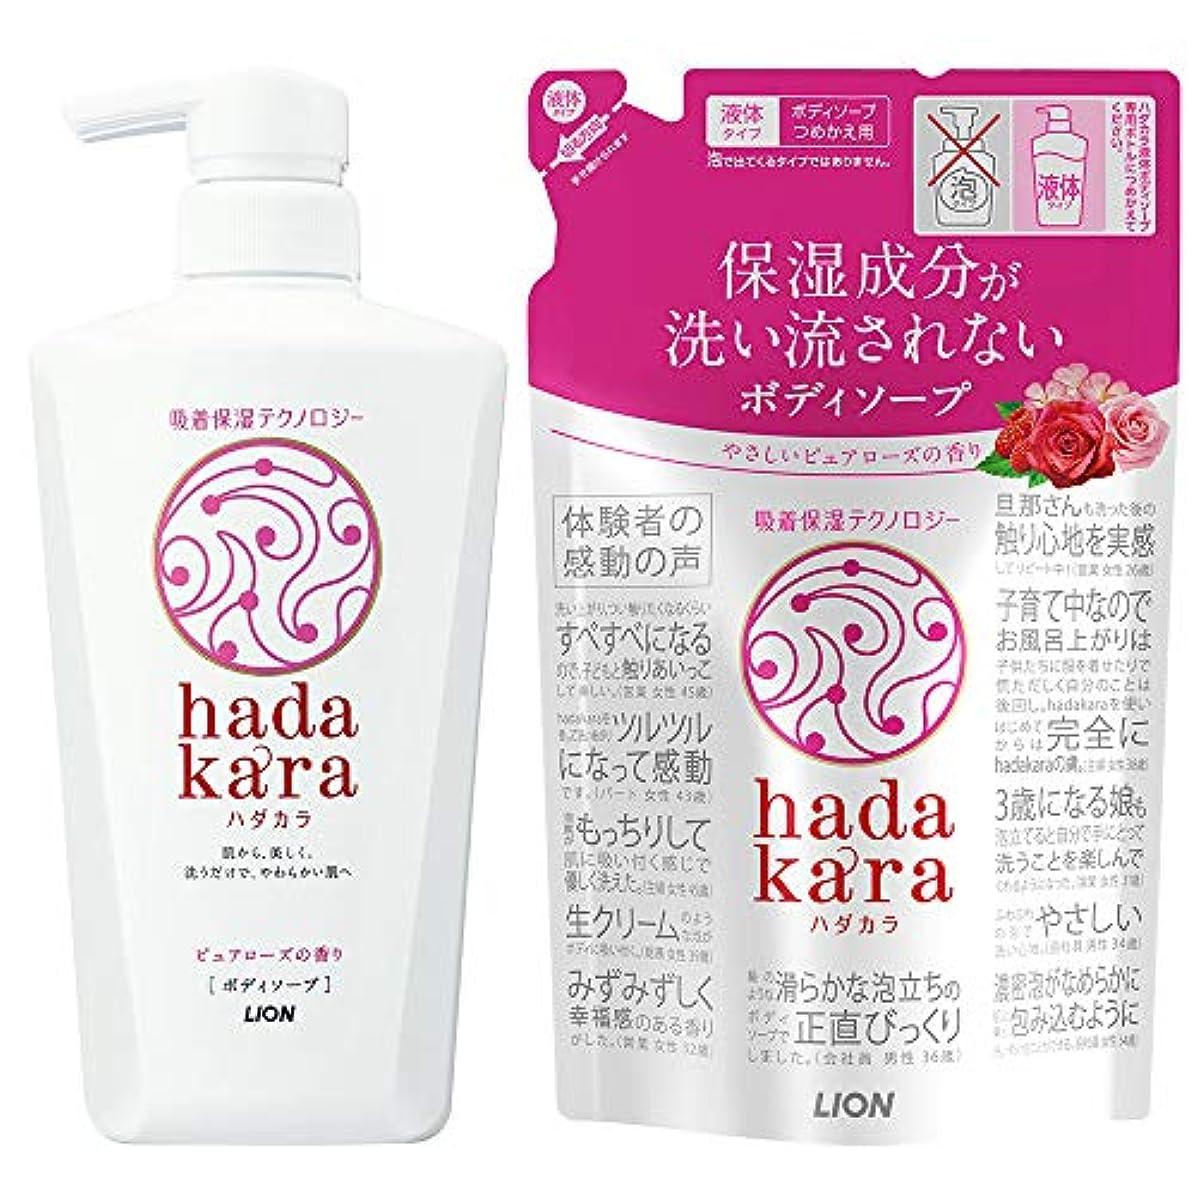 一般的に言えば感じる五hadakara(ハダカラ) ボディソープ ピュアローズの香り 本体500ml+つめかえ360ml +